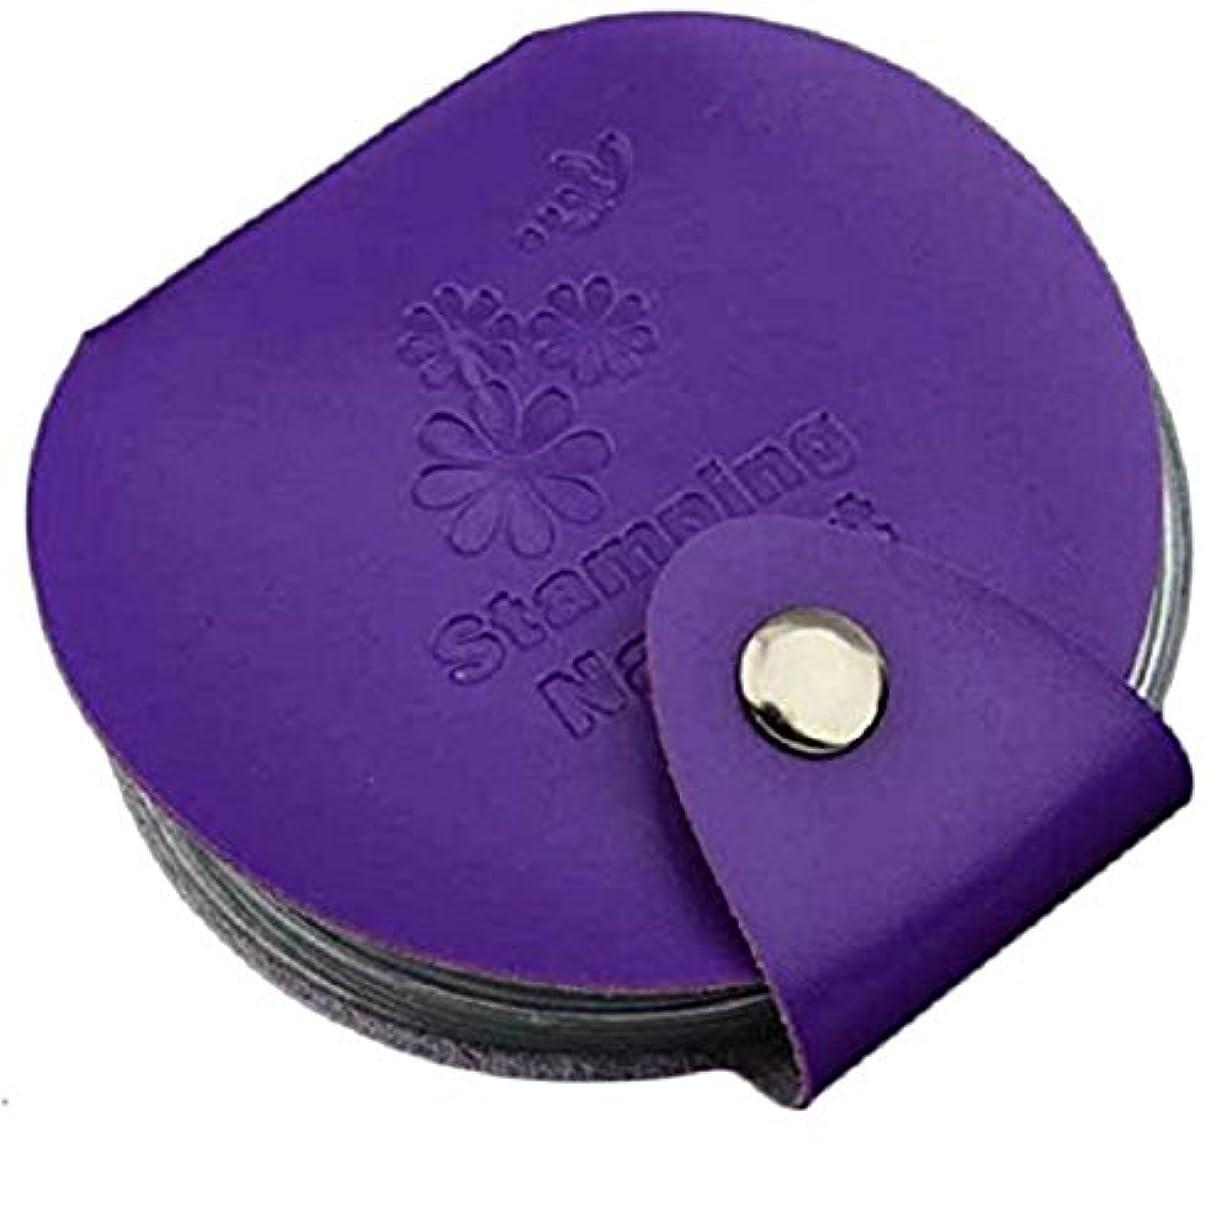 幸福印象的な許可するNrpfell ネイルプリントテンプレートカードパック ラウンドカードスリーブ(パープルカラー)